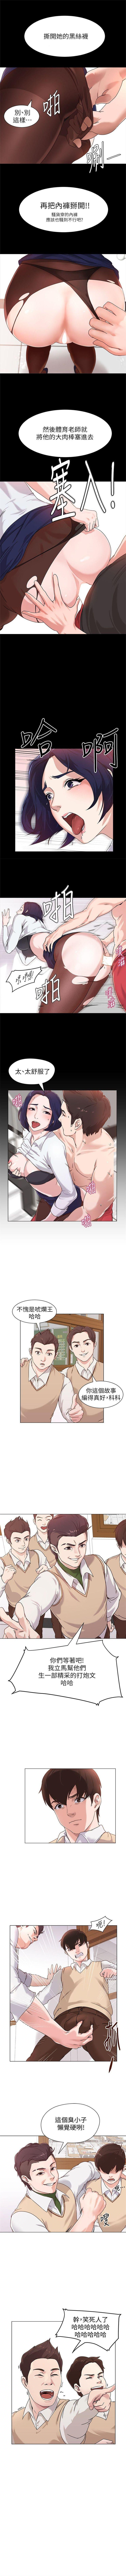 (周3)老师 1-56 中文翻译(更新中) 3